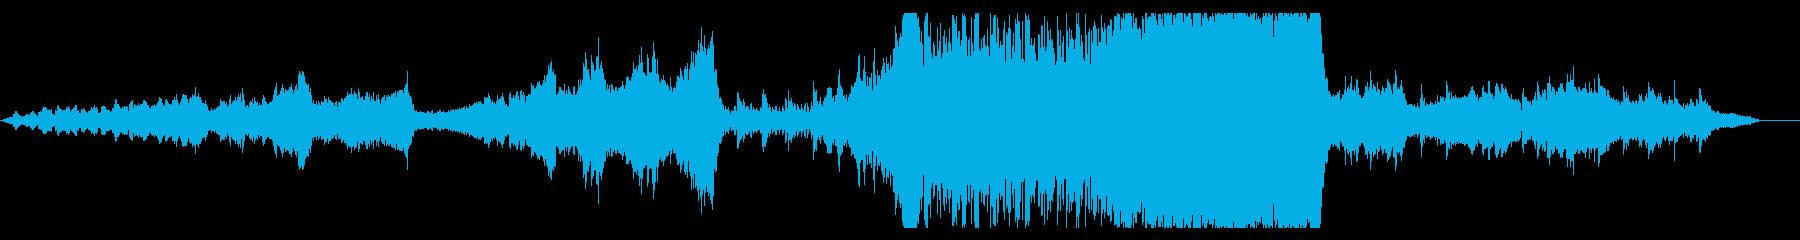 大自然壮大オーケストラ pno syn無の再生済みの波形